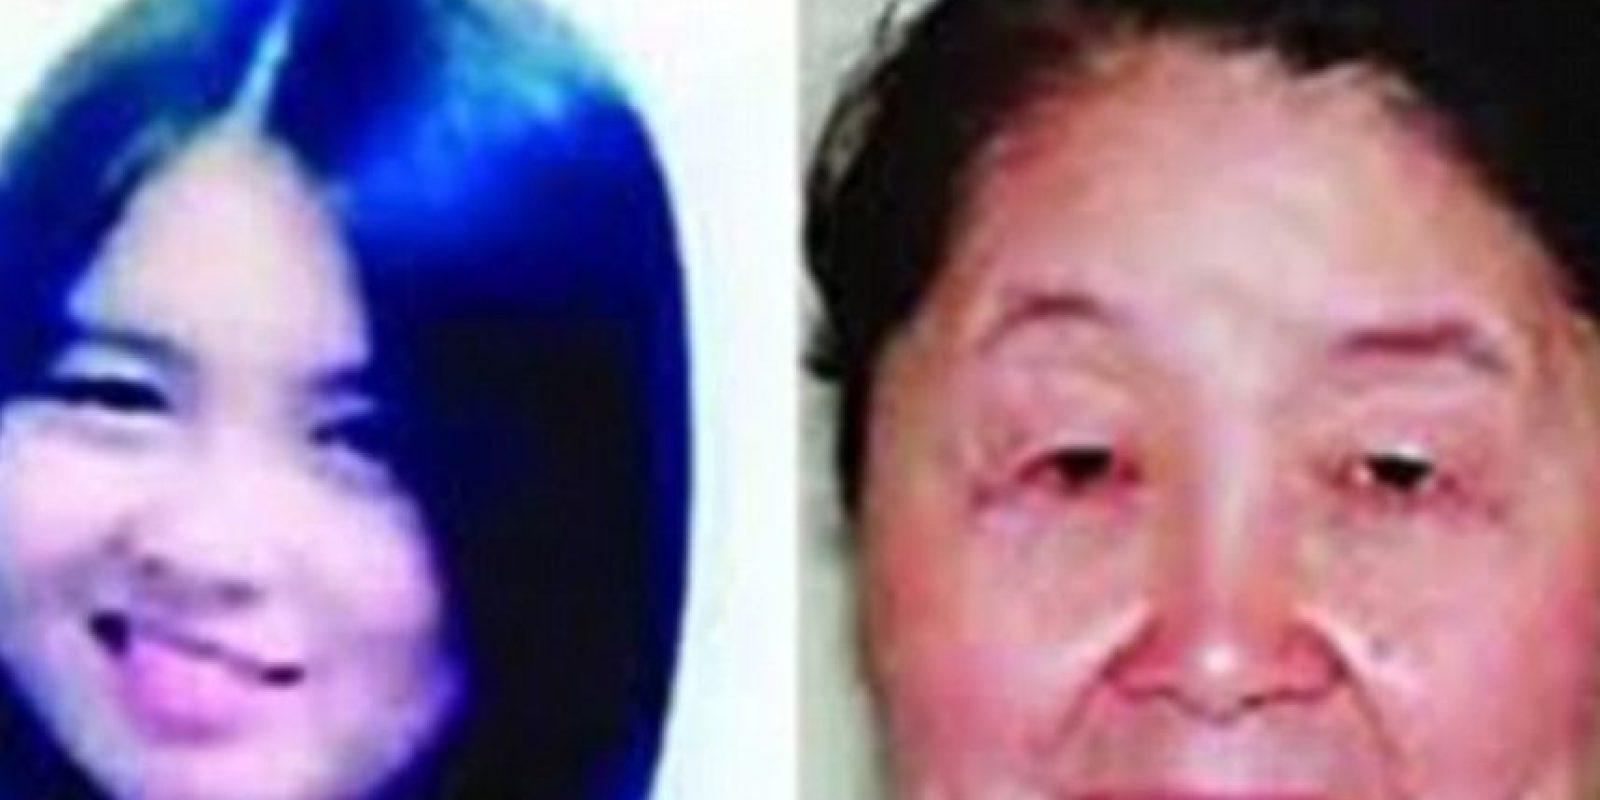 Hu Juan tiene una enfermedad llamada Cutis Iaxa, que hace que su rostro de 28 años luzca como el de 60 años Foto:Xinhua